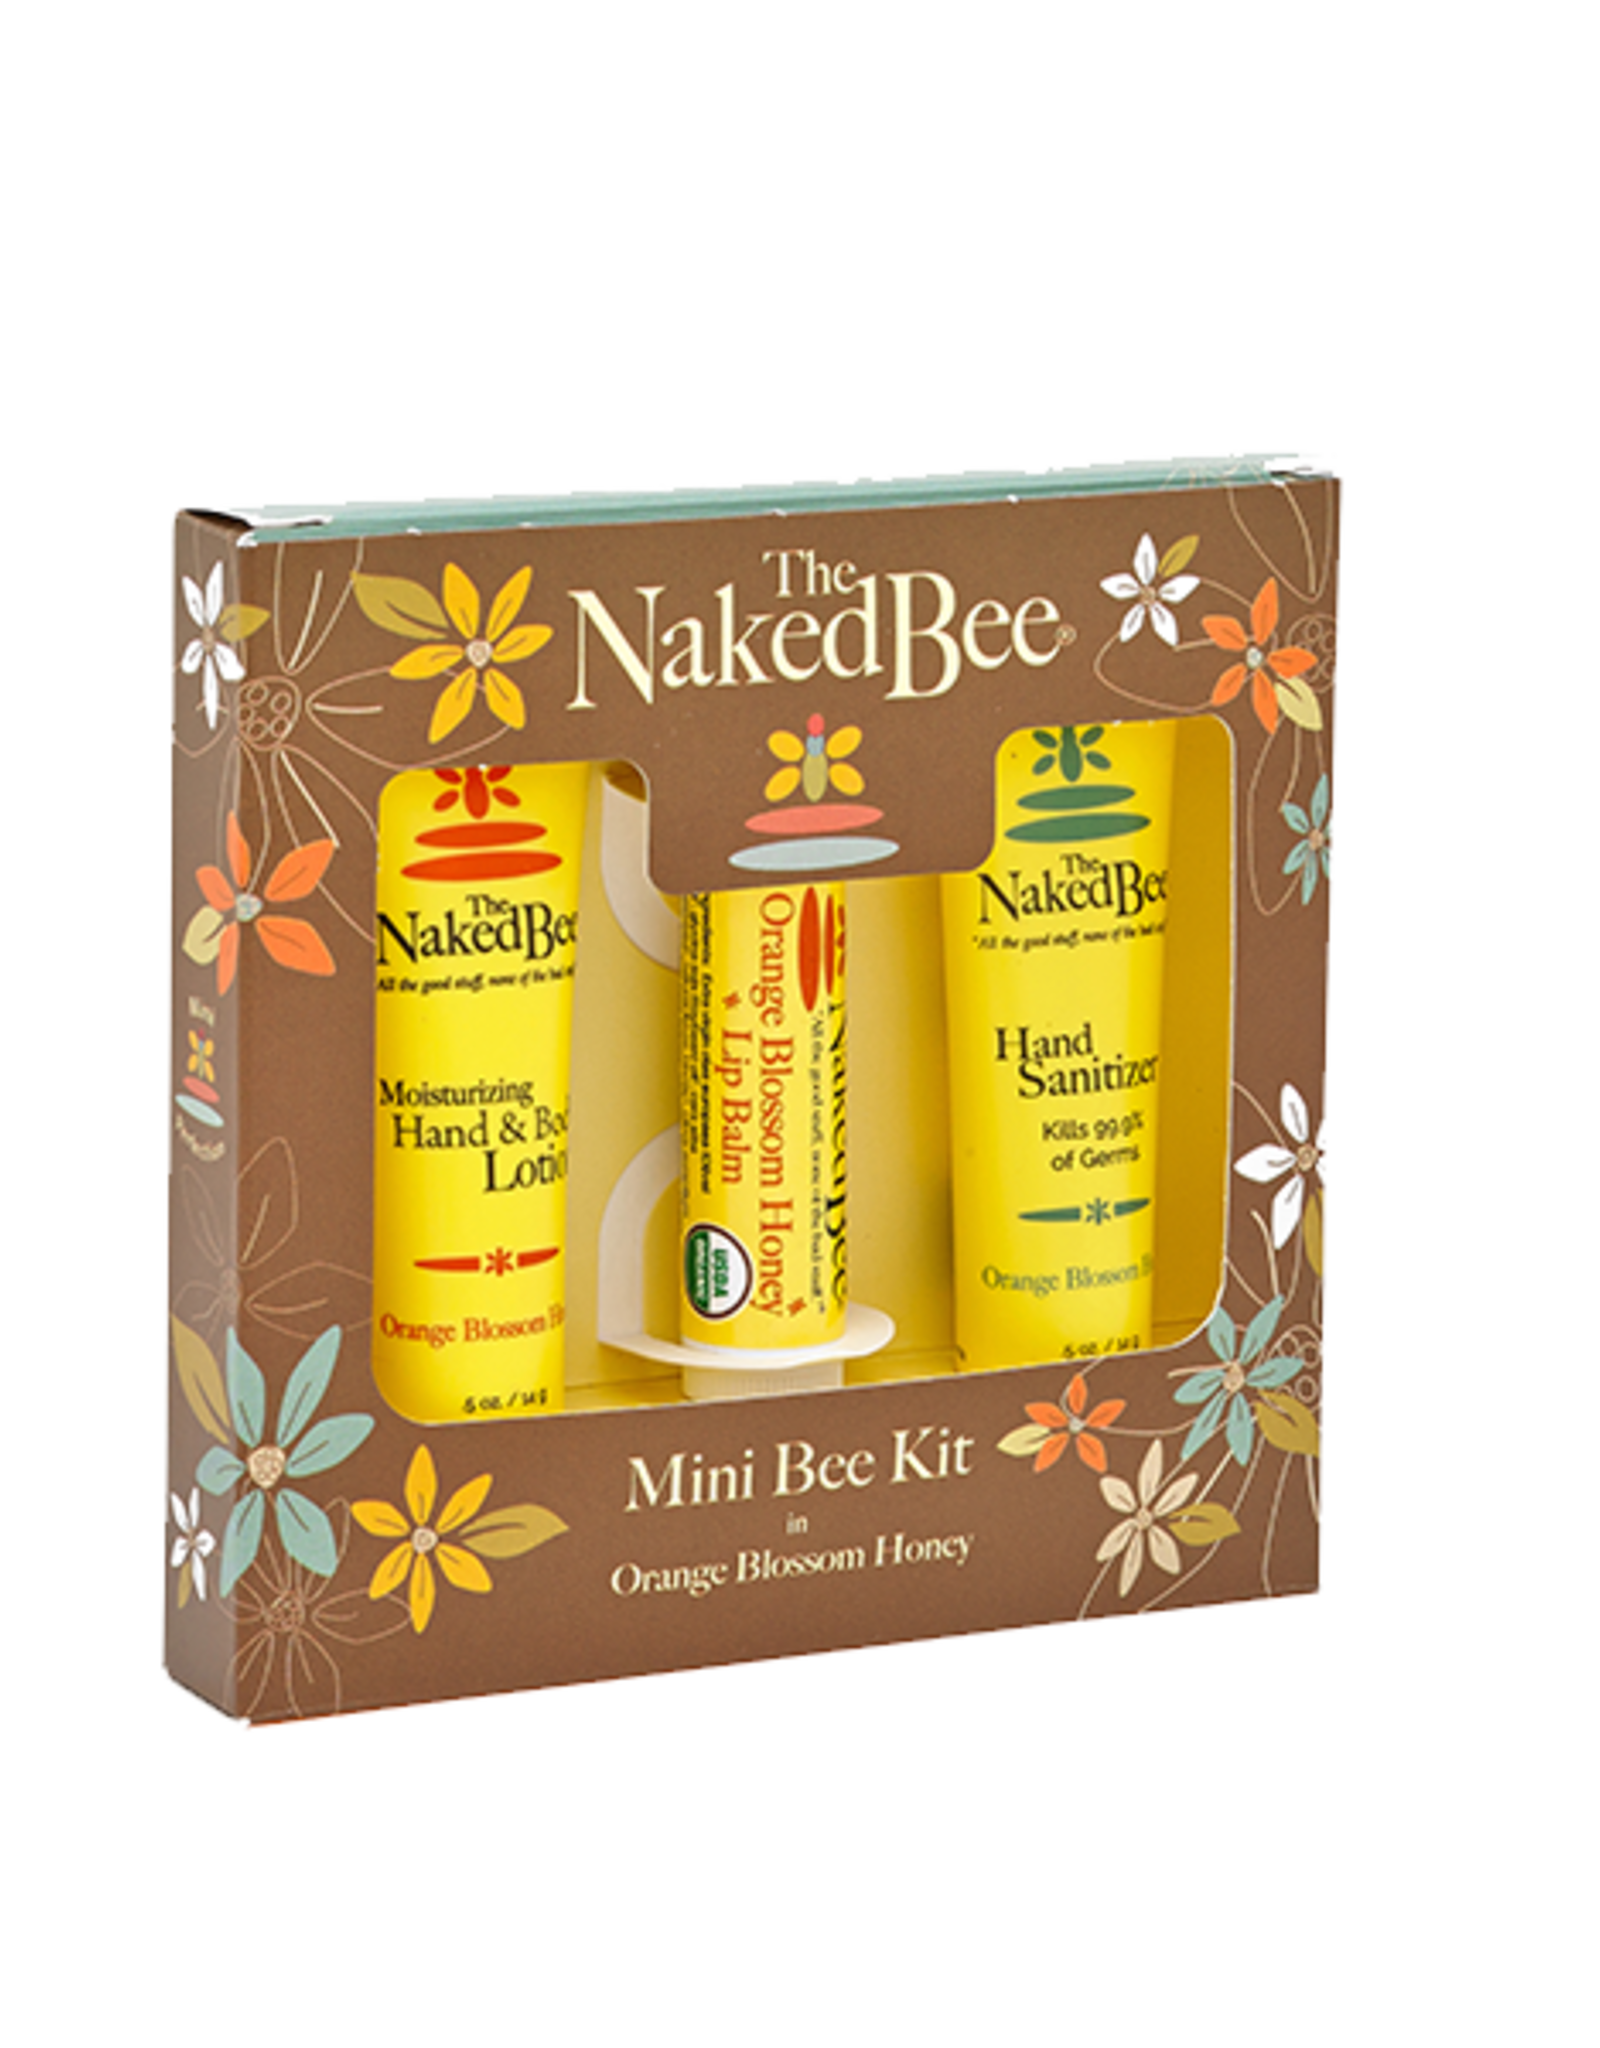 The Naked Bee The Naked Bee   Orange Blossom Honey Mini Bee Kit